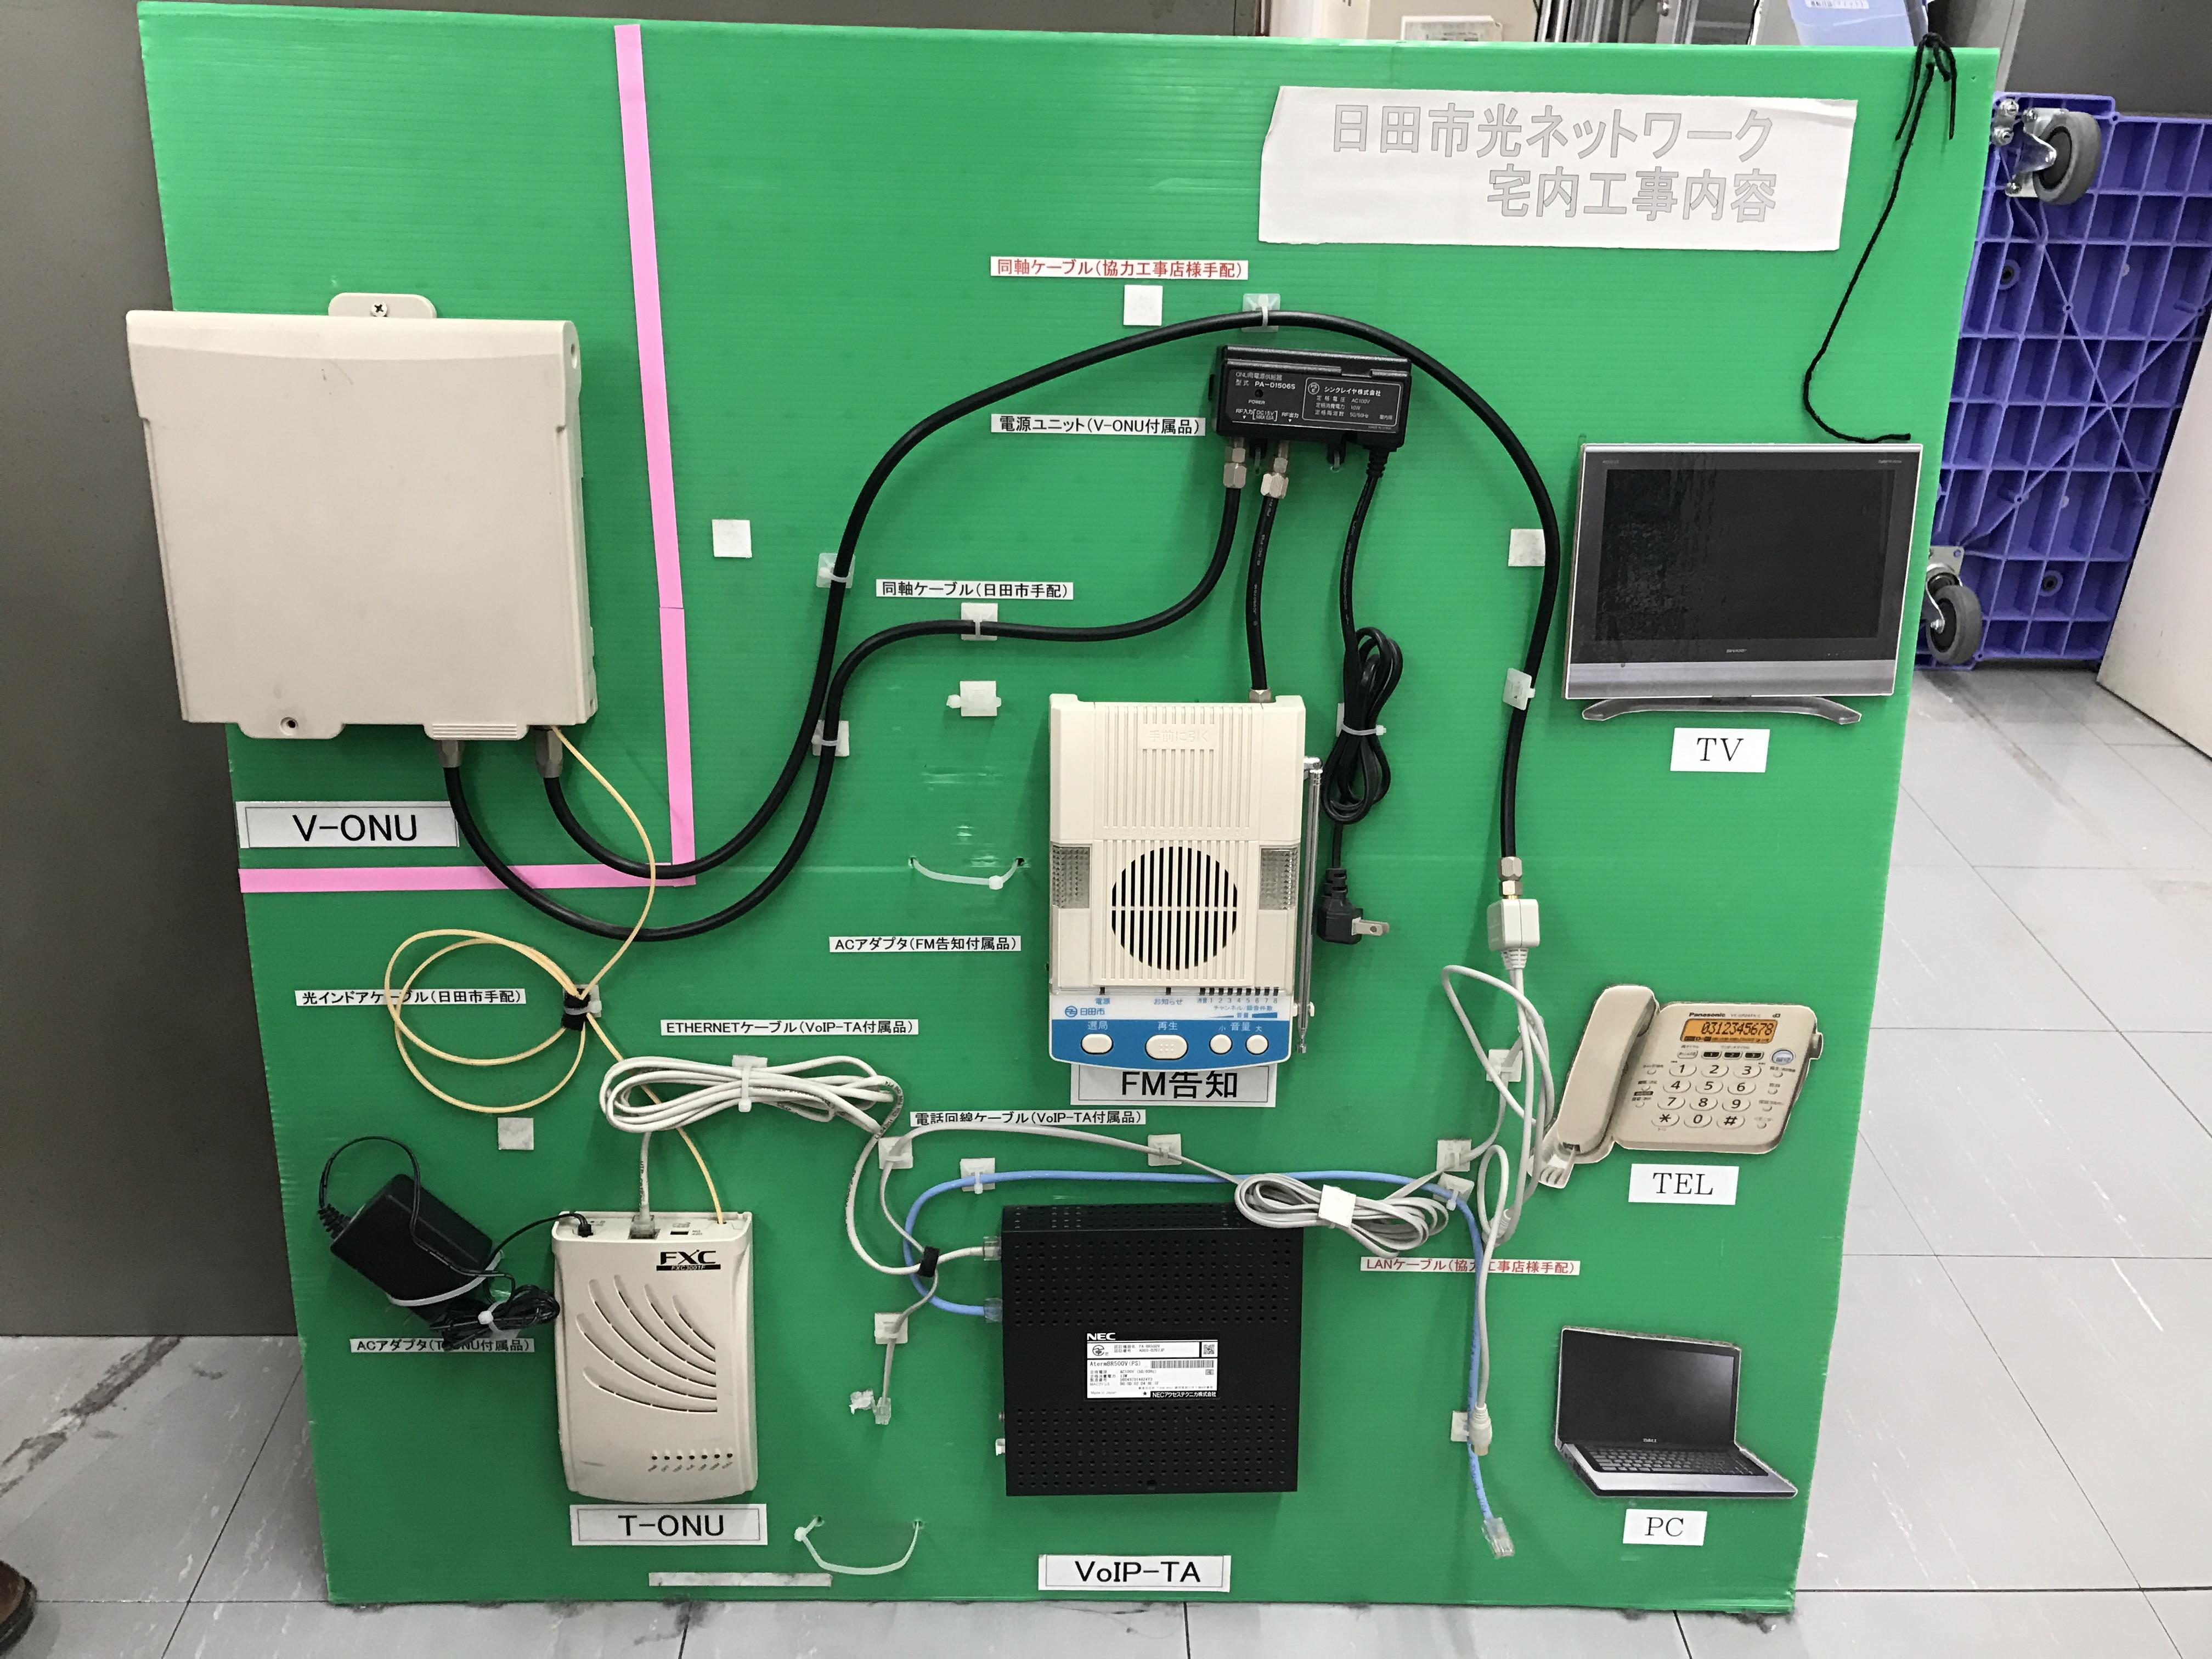 水郷TV日田市インターネットサービス